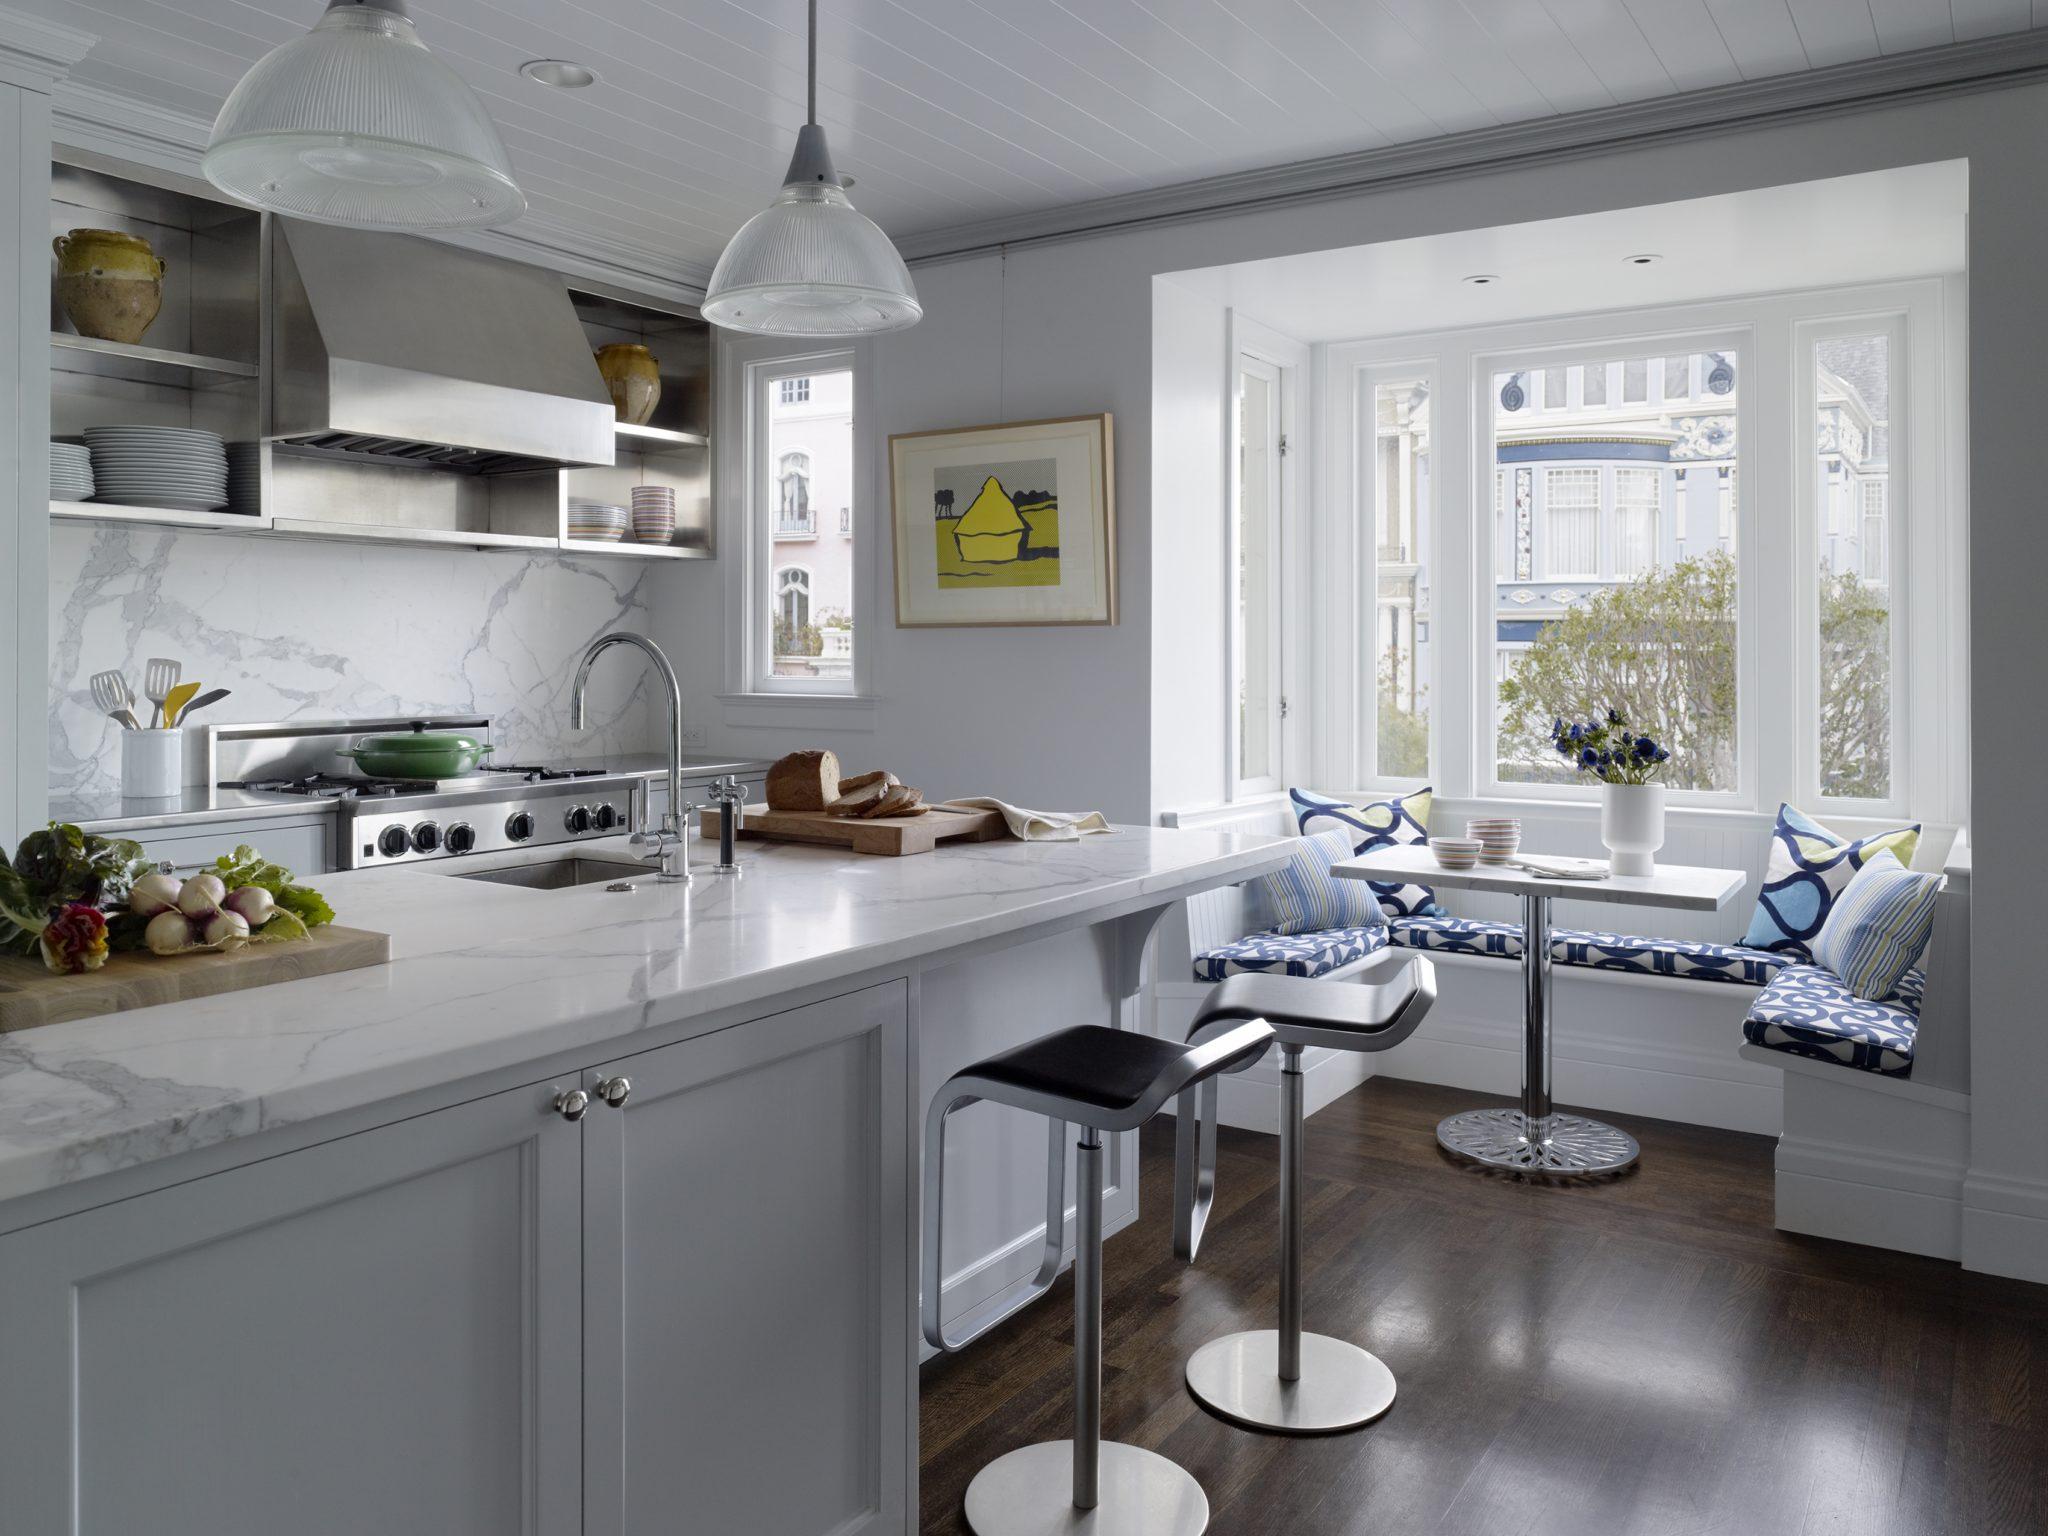 Kitchen and breakfast nook by JKA Design